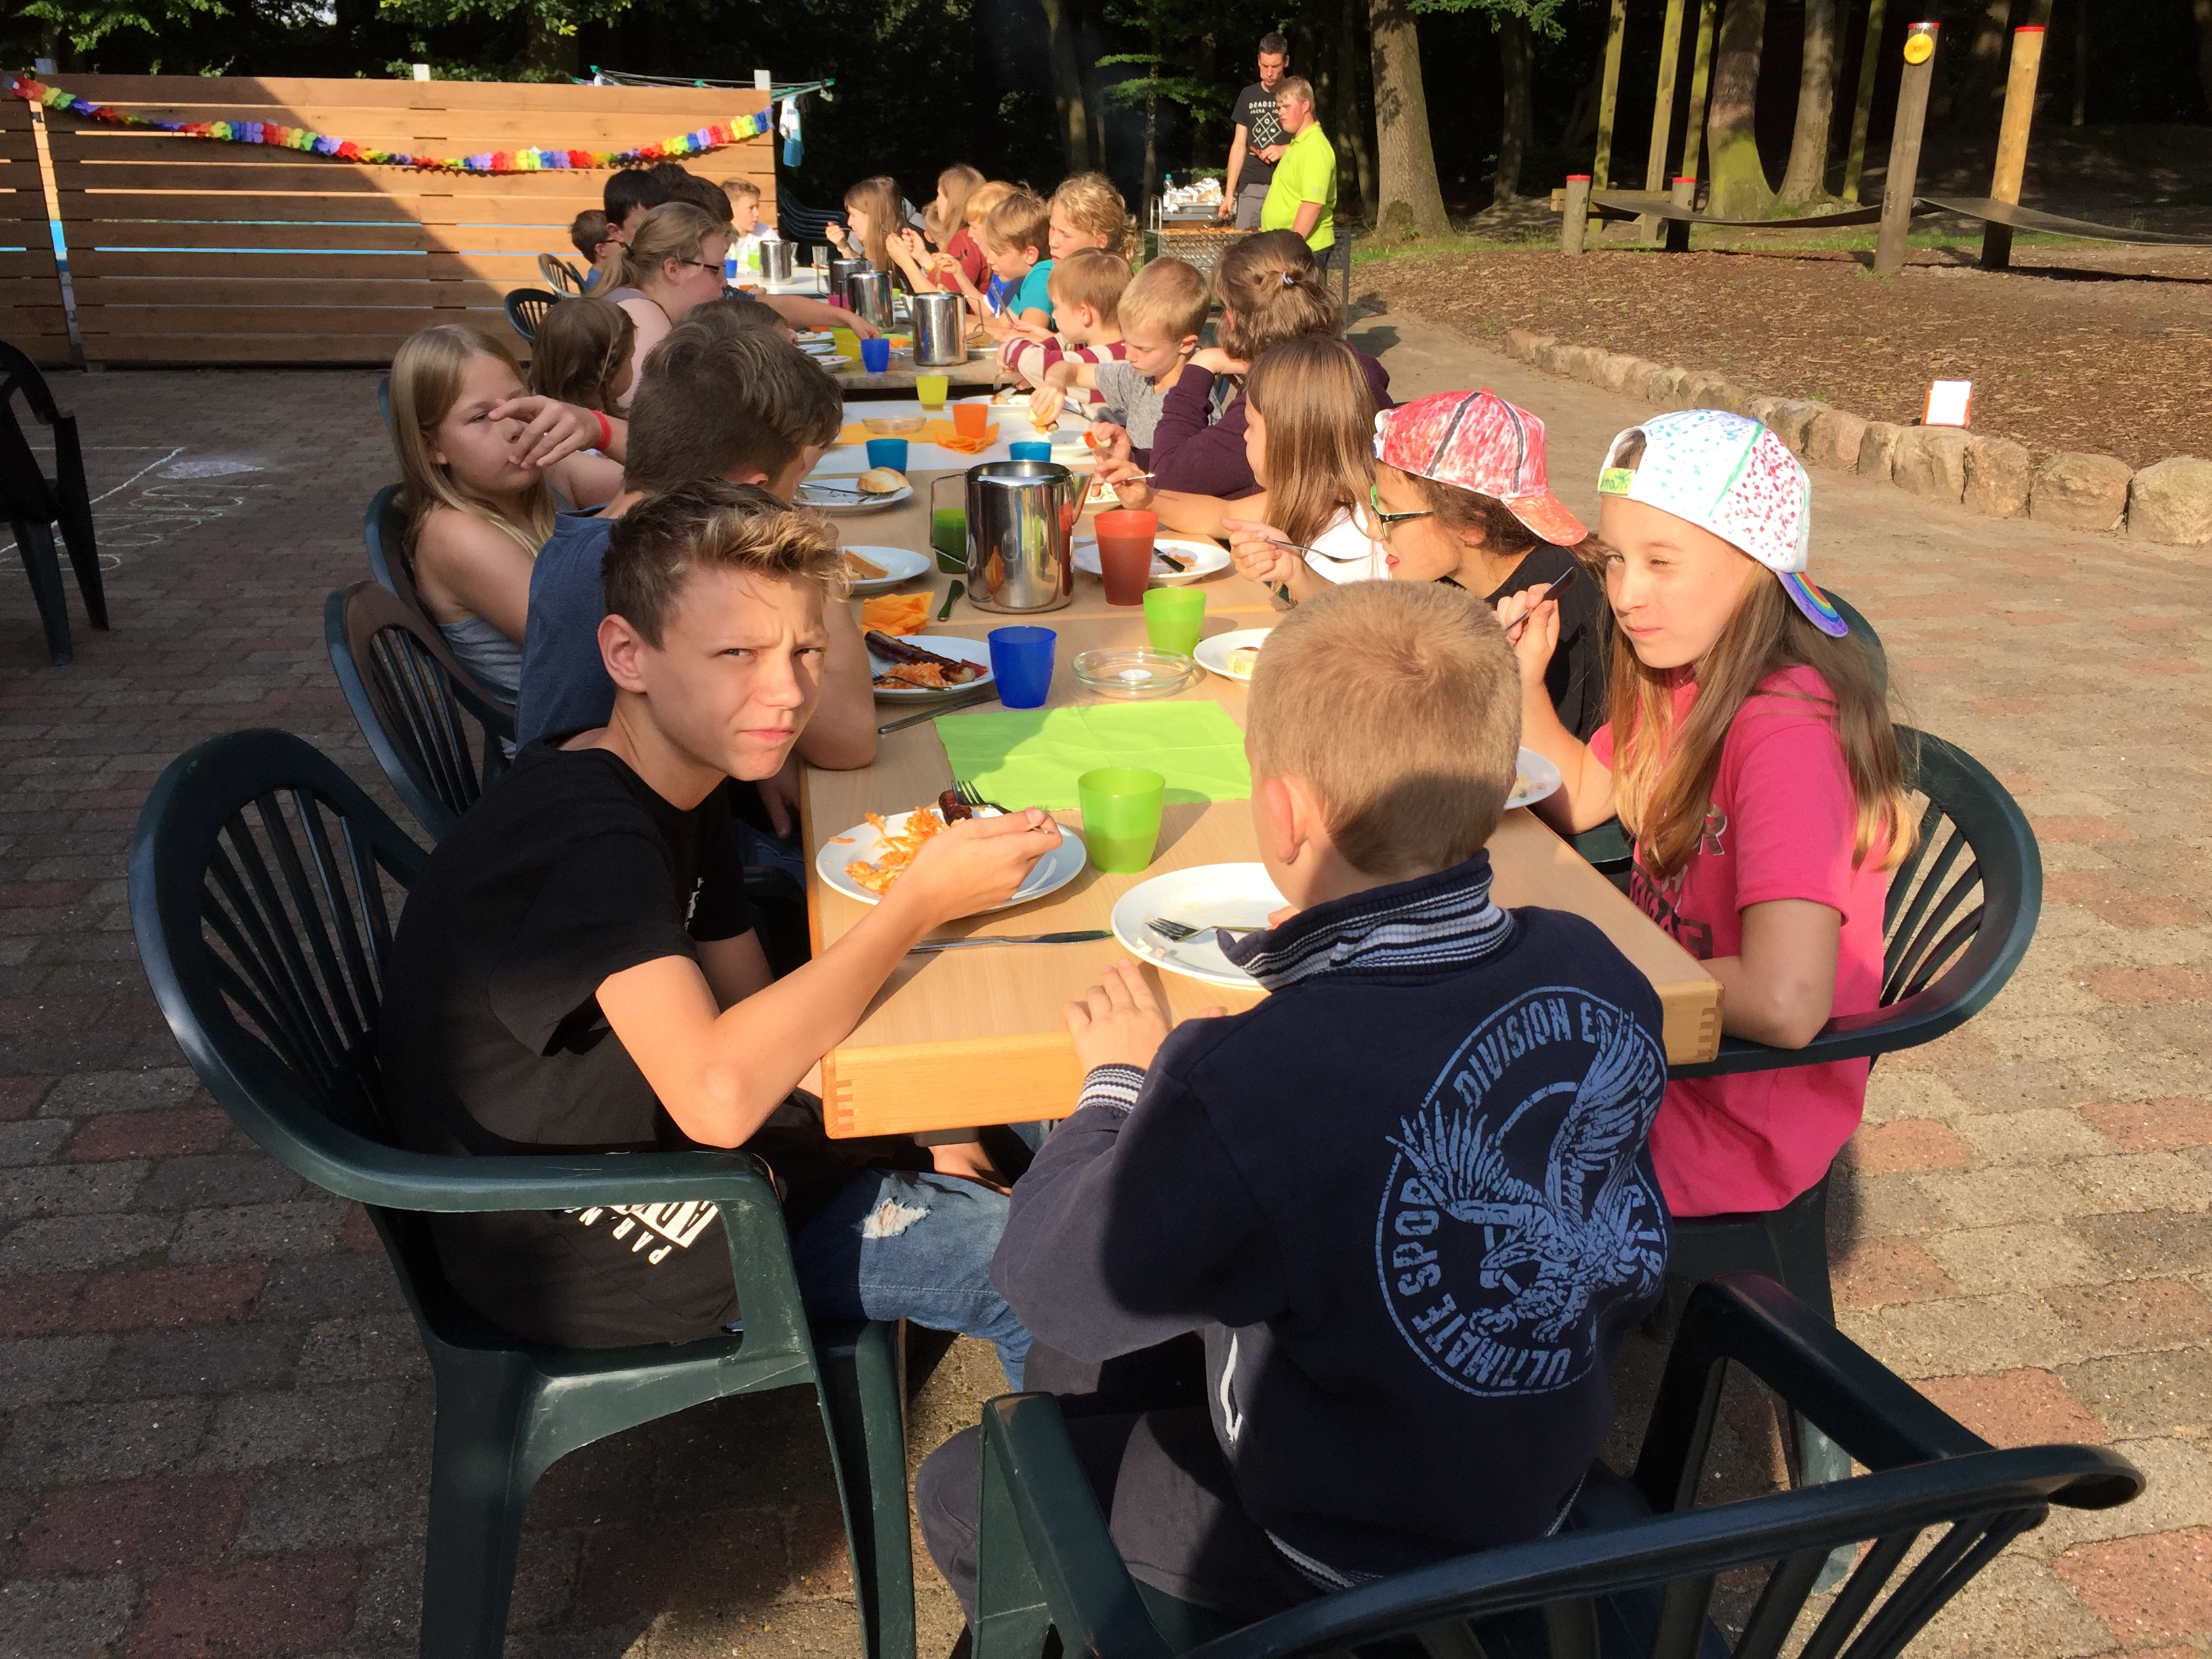 Die Kinder sittzen draußen an Tischen und essen.